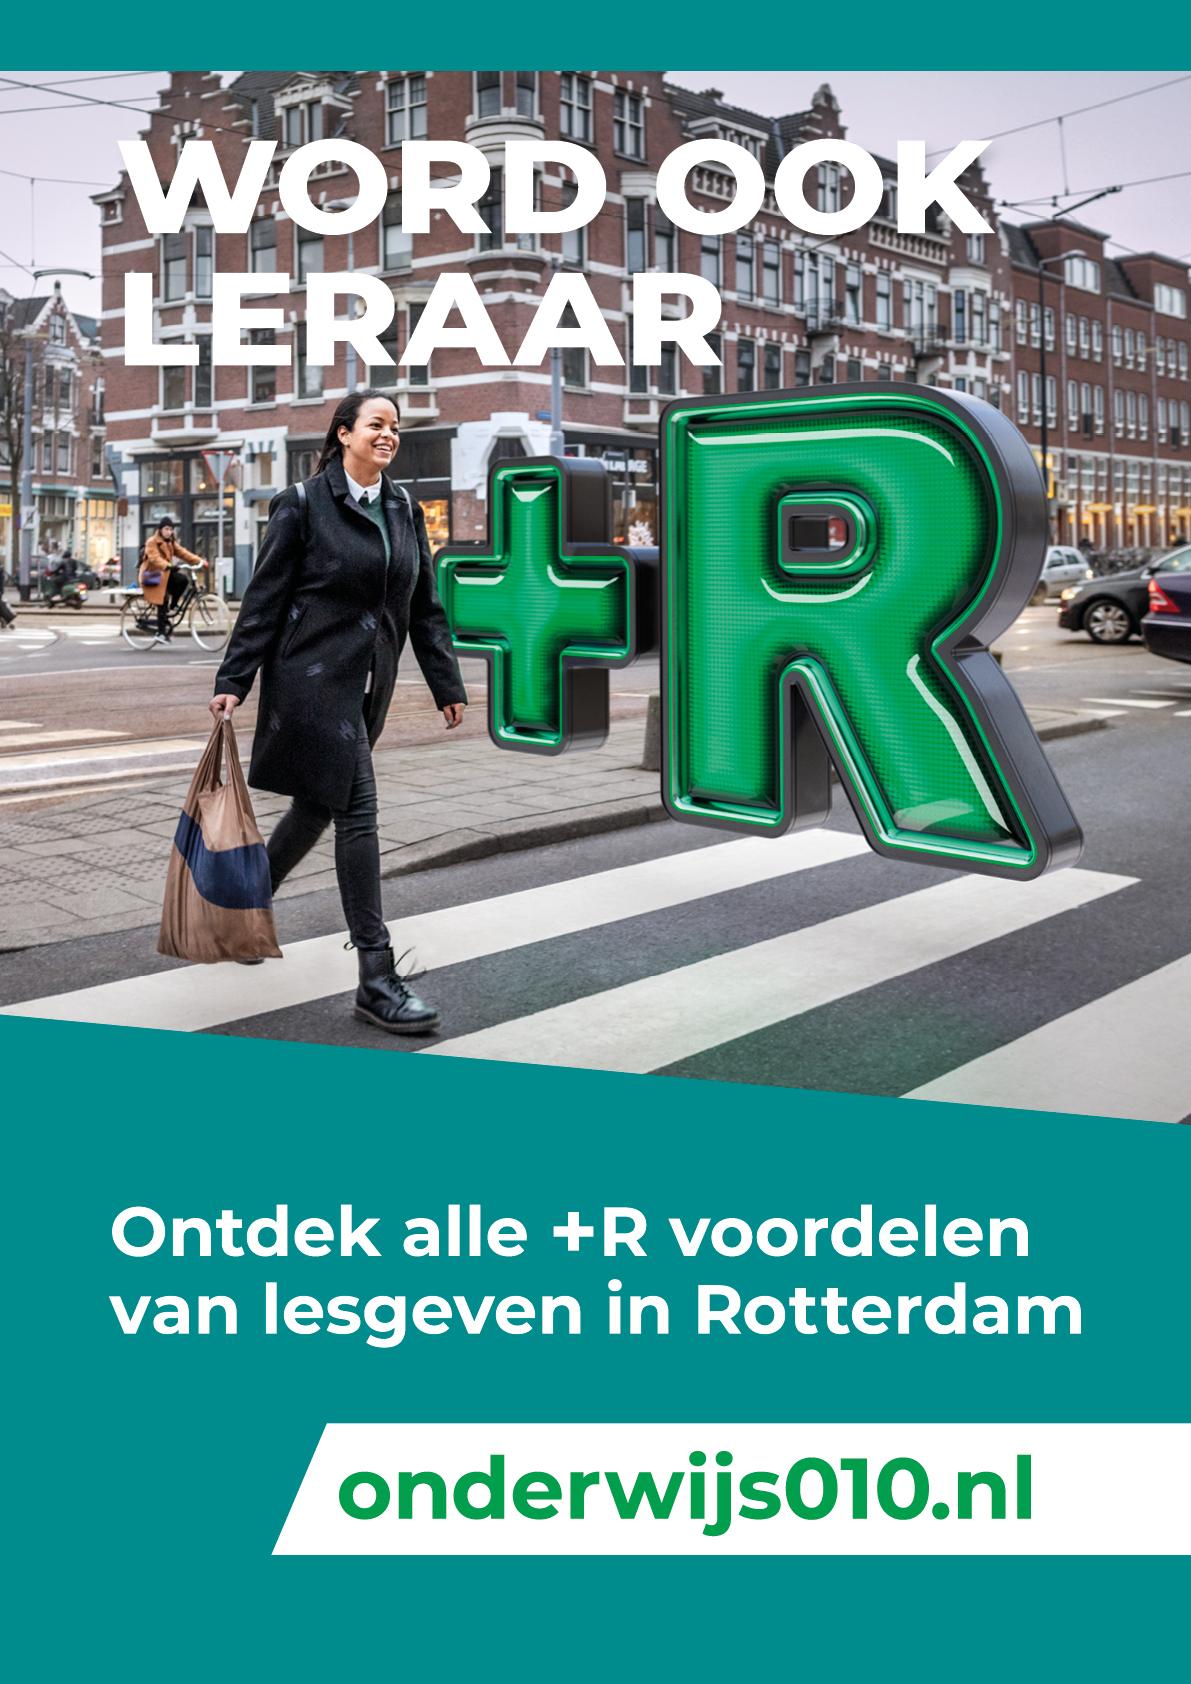 0to9: Campagne voor 'Word een Leraar+R in Rotterdam', Serina.